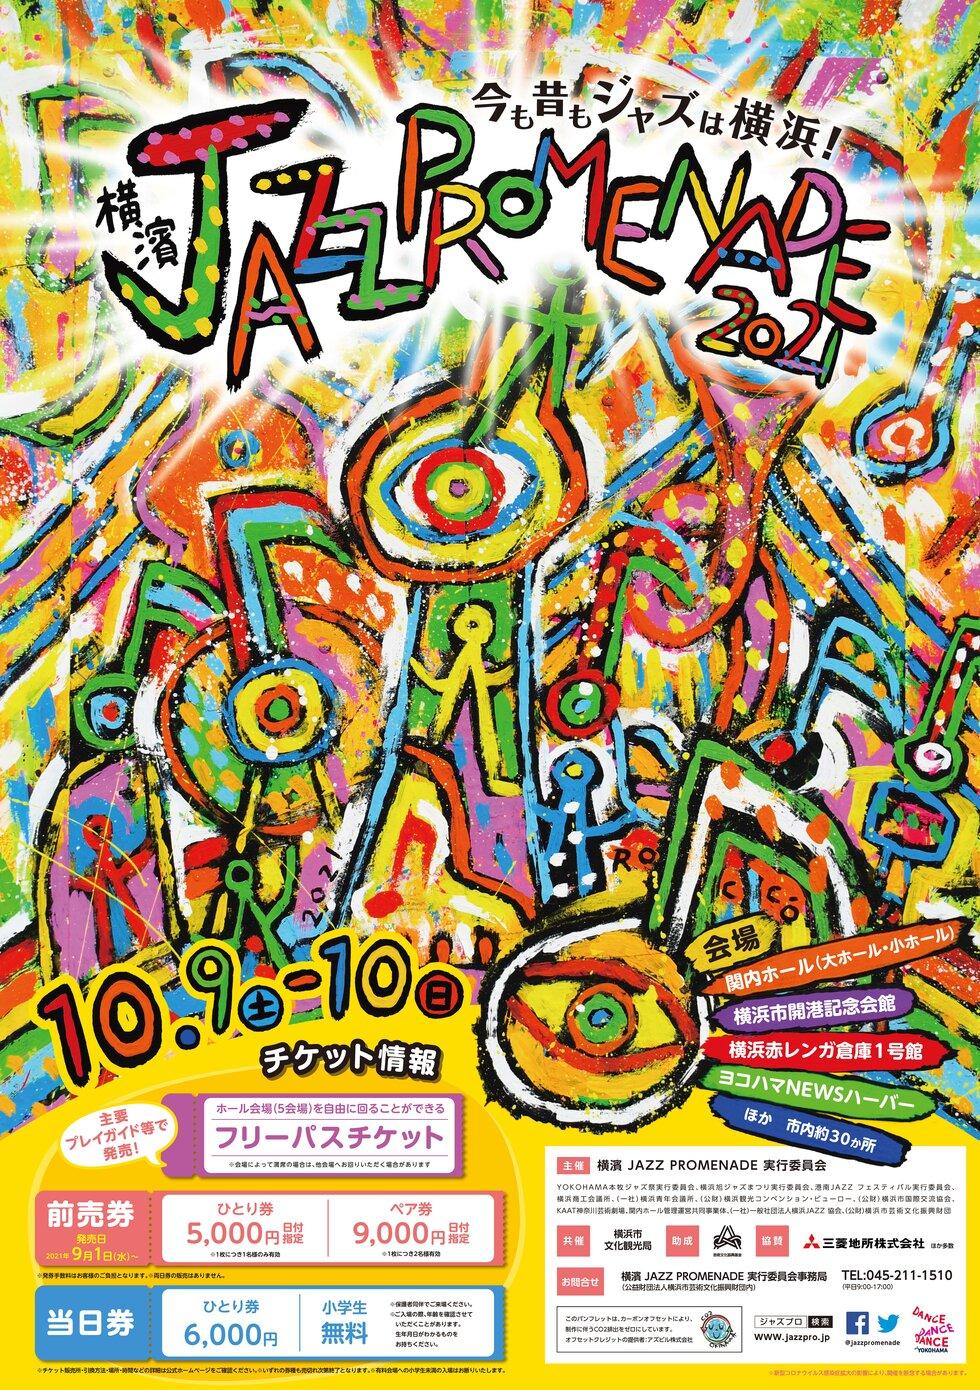 横濱 JAZZ PROMENADE 2021【公演中止のお知らせ】8/30 17:00更新の写真